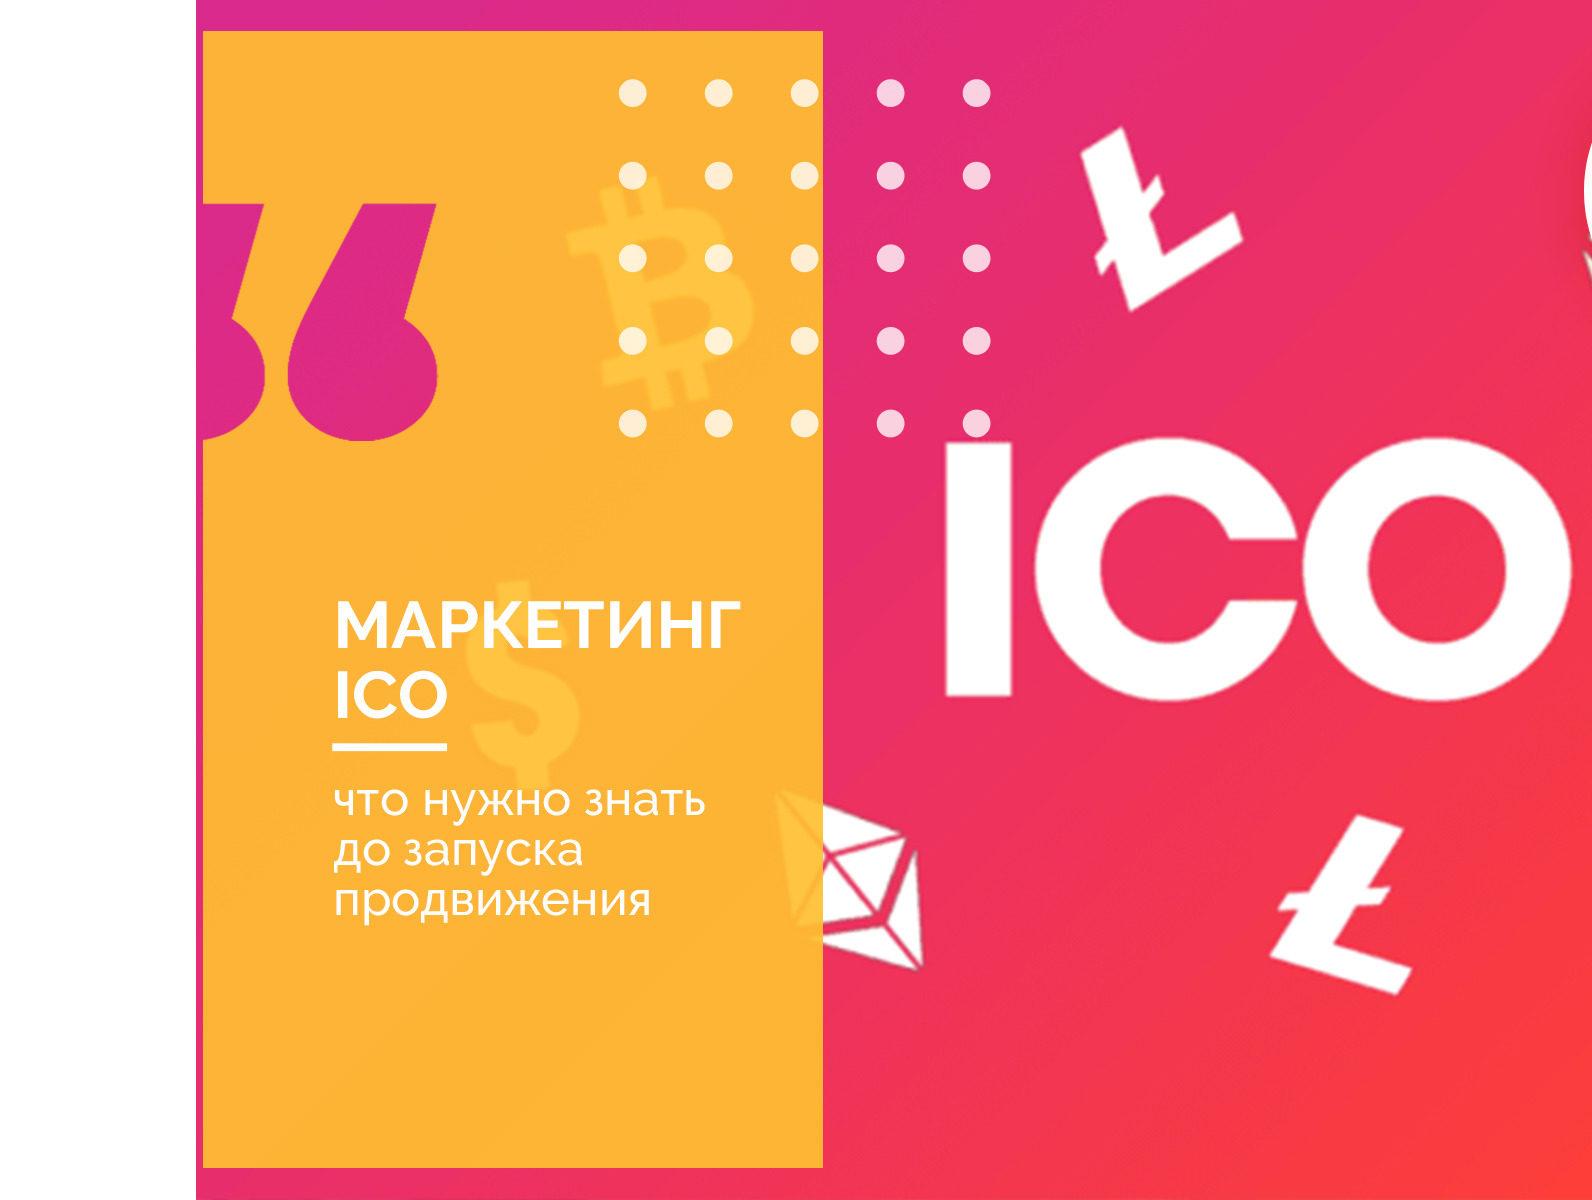 Маркетинг ICO